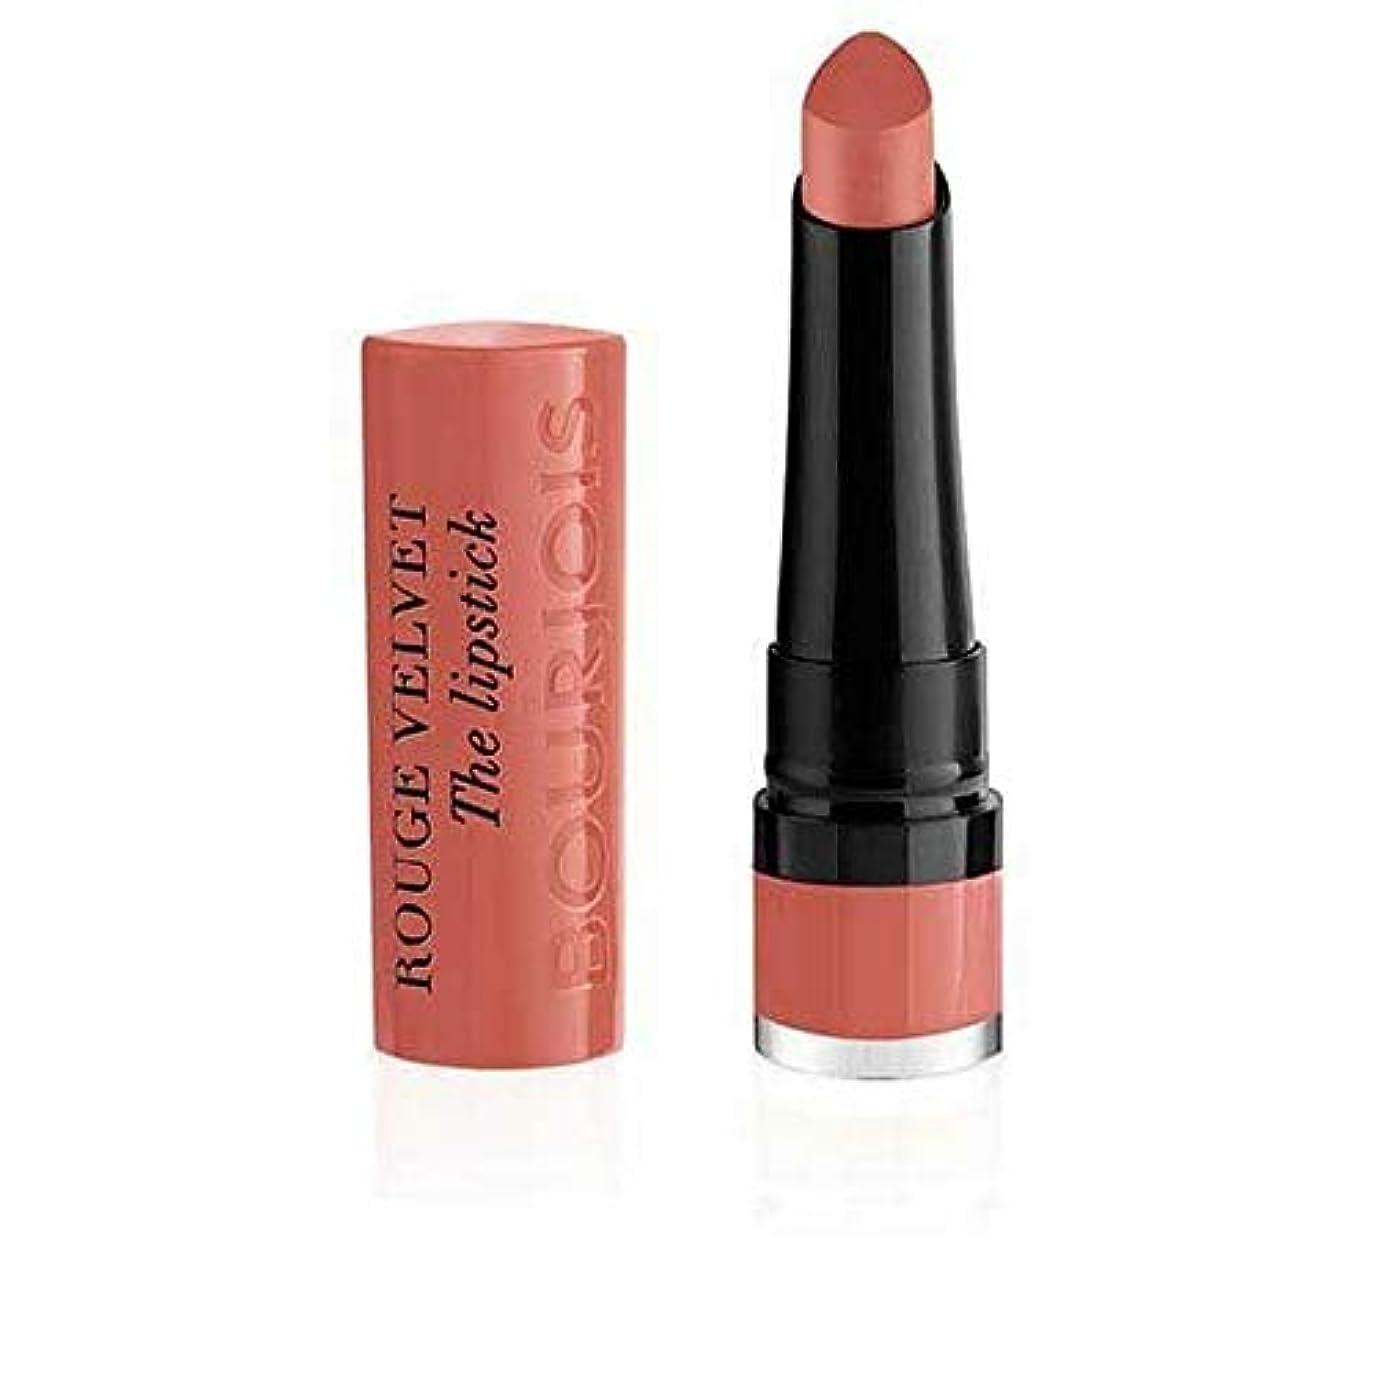 責任者シュガー歌[Bourjois ] ブルジョワルージュのベルベット口紅 - 桃のTartin 15 - Bourjois Rouge Velvet The Lipstick ? Peach Tartin 15 [並行輸入品]